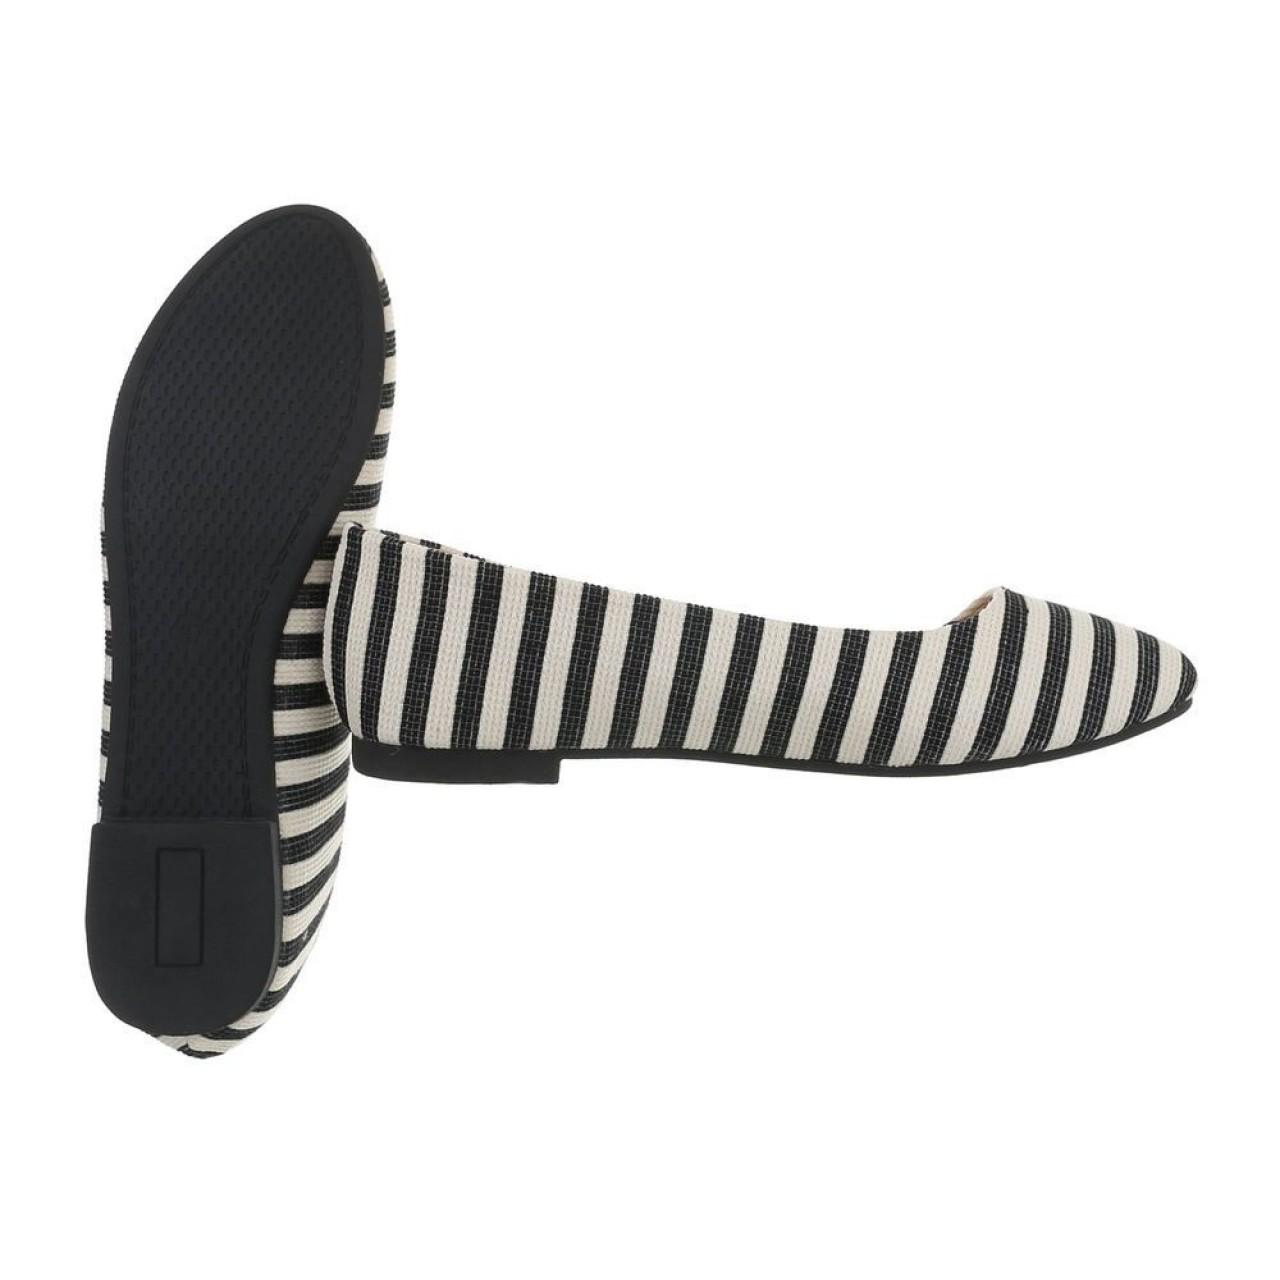 Γυναικεία Παπούτσια Μπαλαρίνα Ριγέ Ασπρόμαυρο - 4064